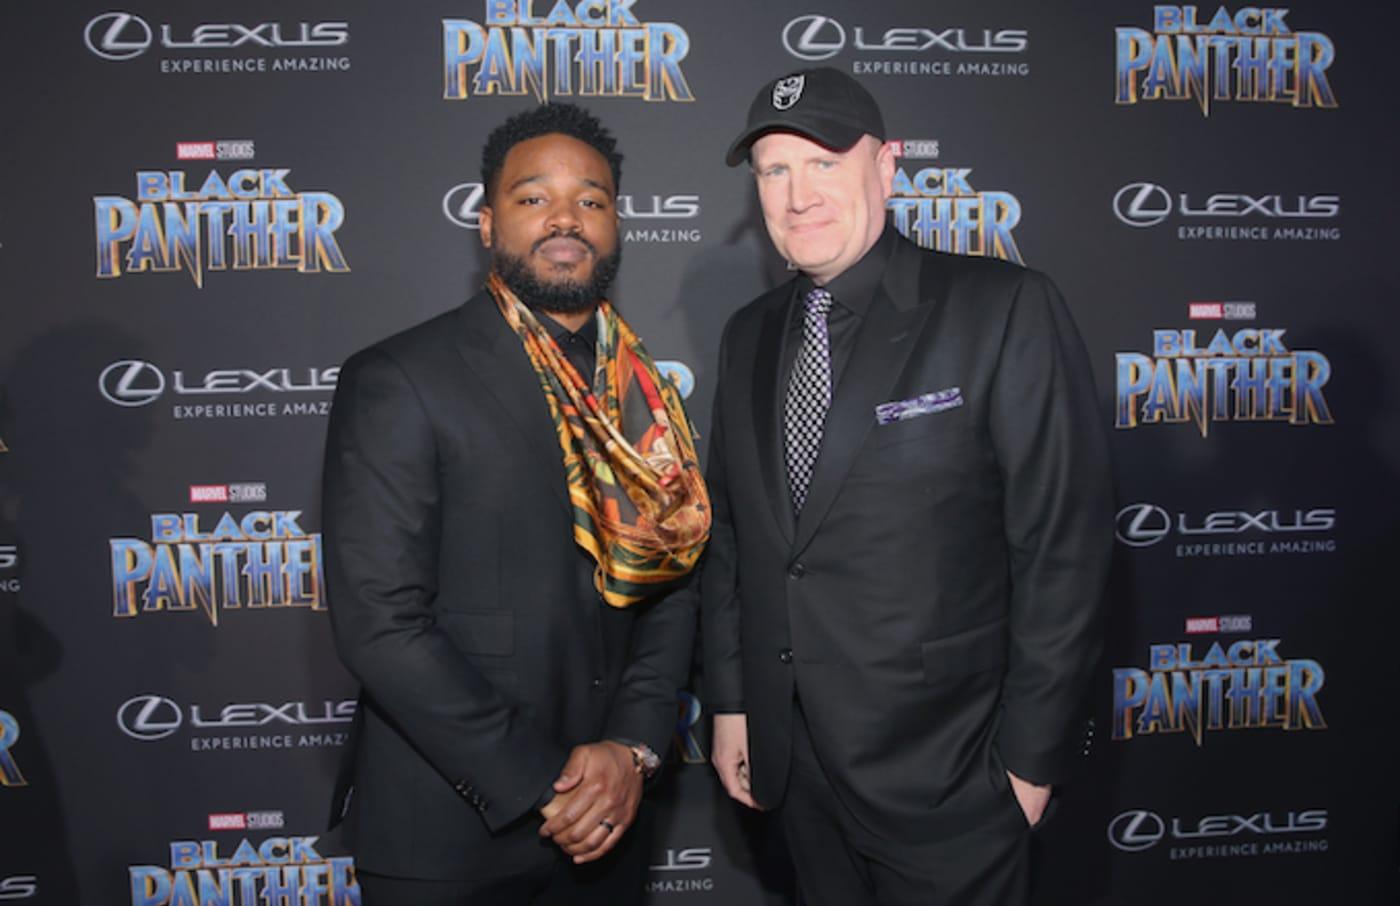 'Black Panther' director Ryan Coogler with Marvel preisdent Kevin Feige.